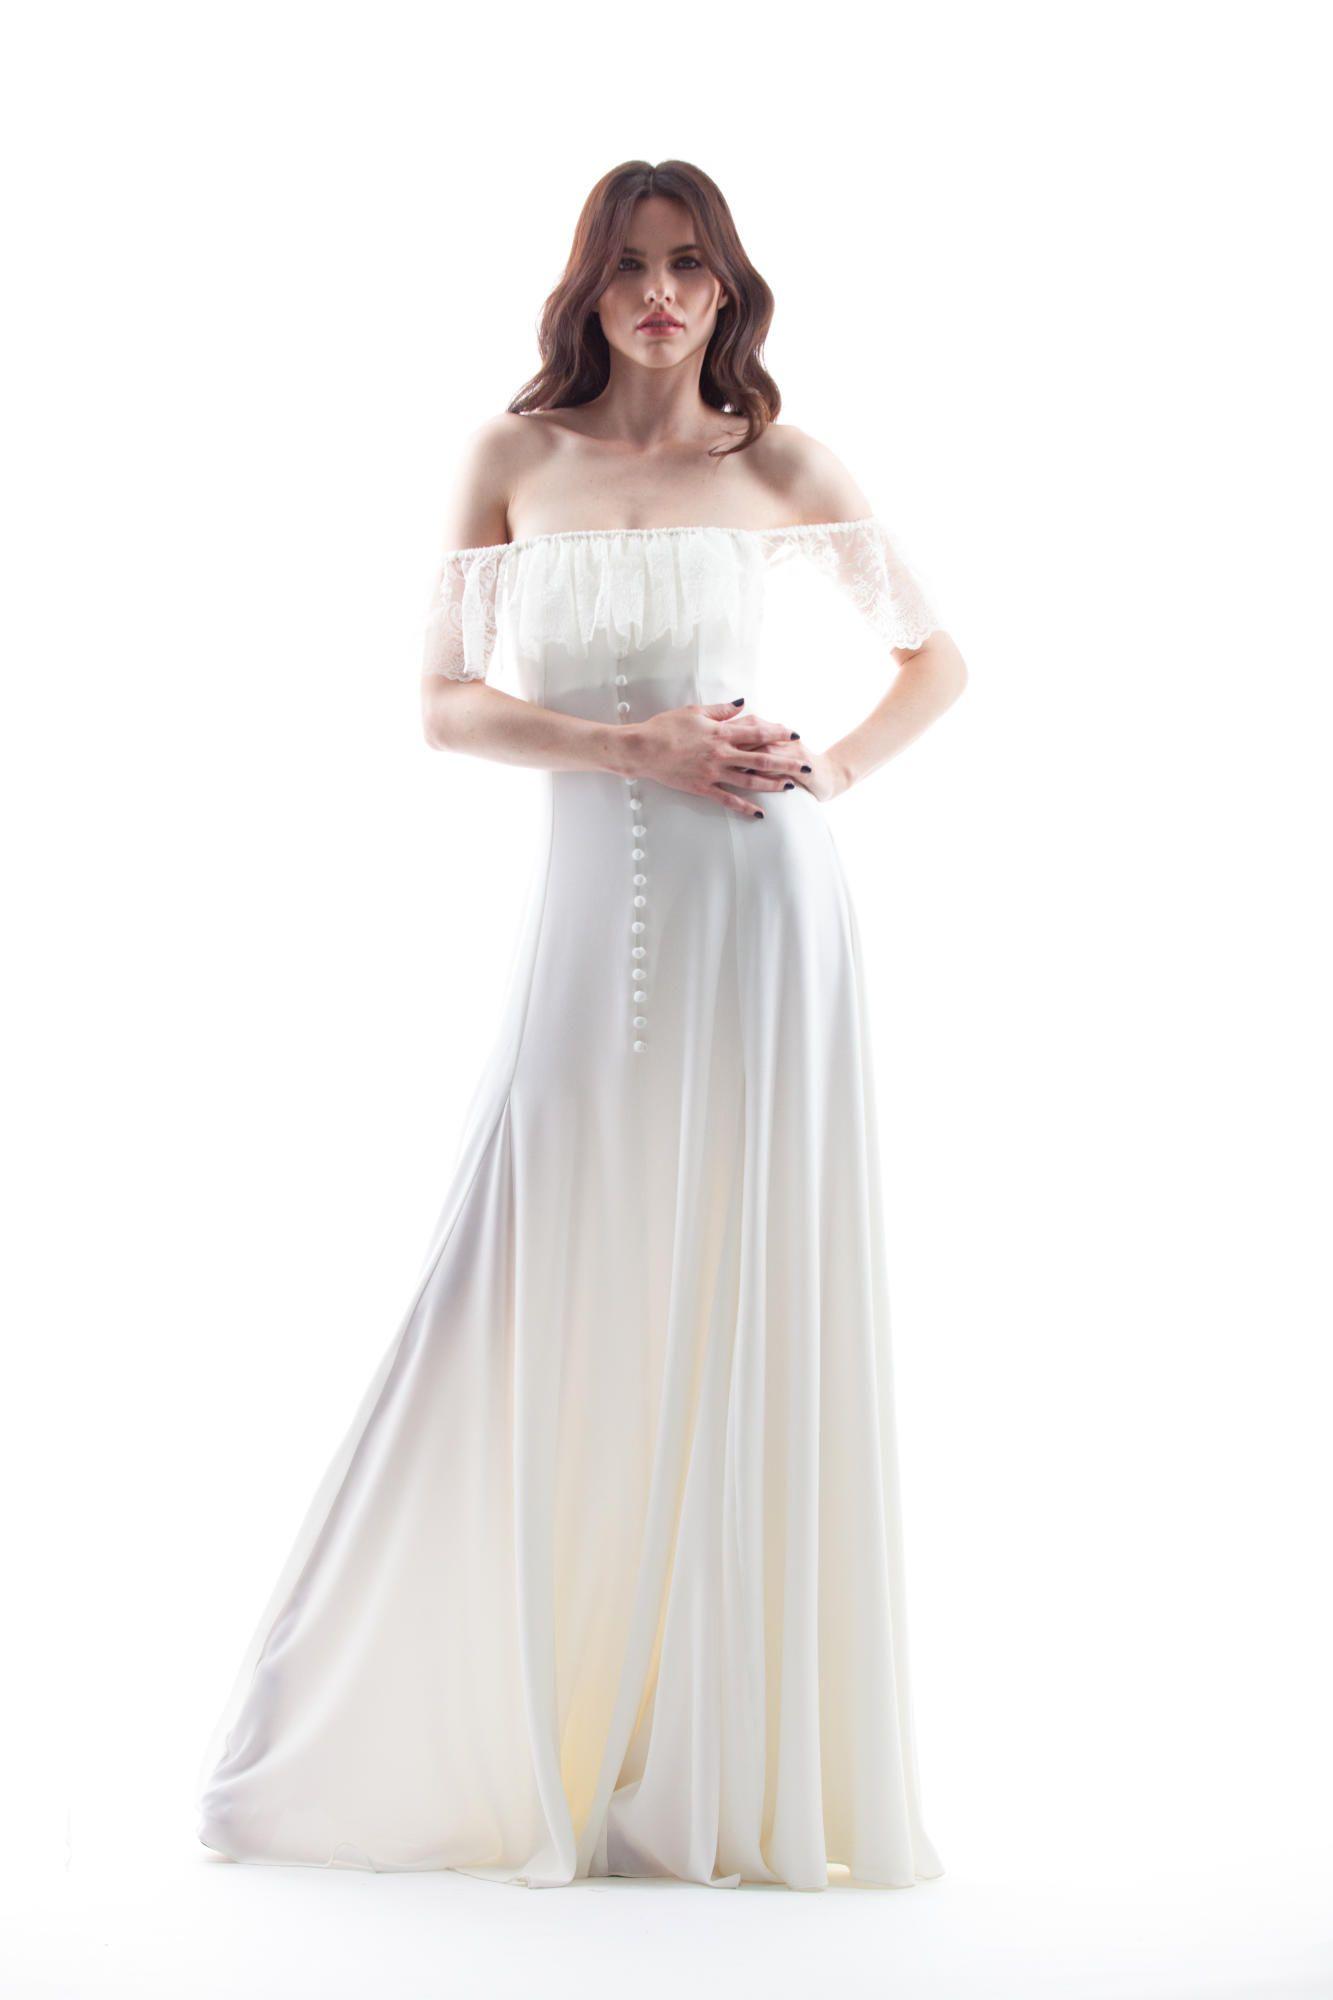 houghton-spring-2018-bridal-70s-gown Tendências de vestidos de noiva para 2018